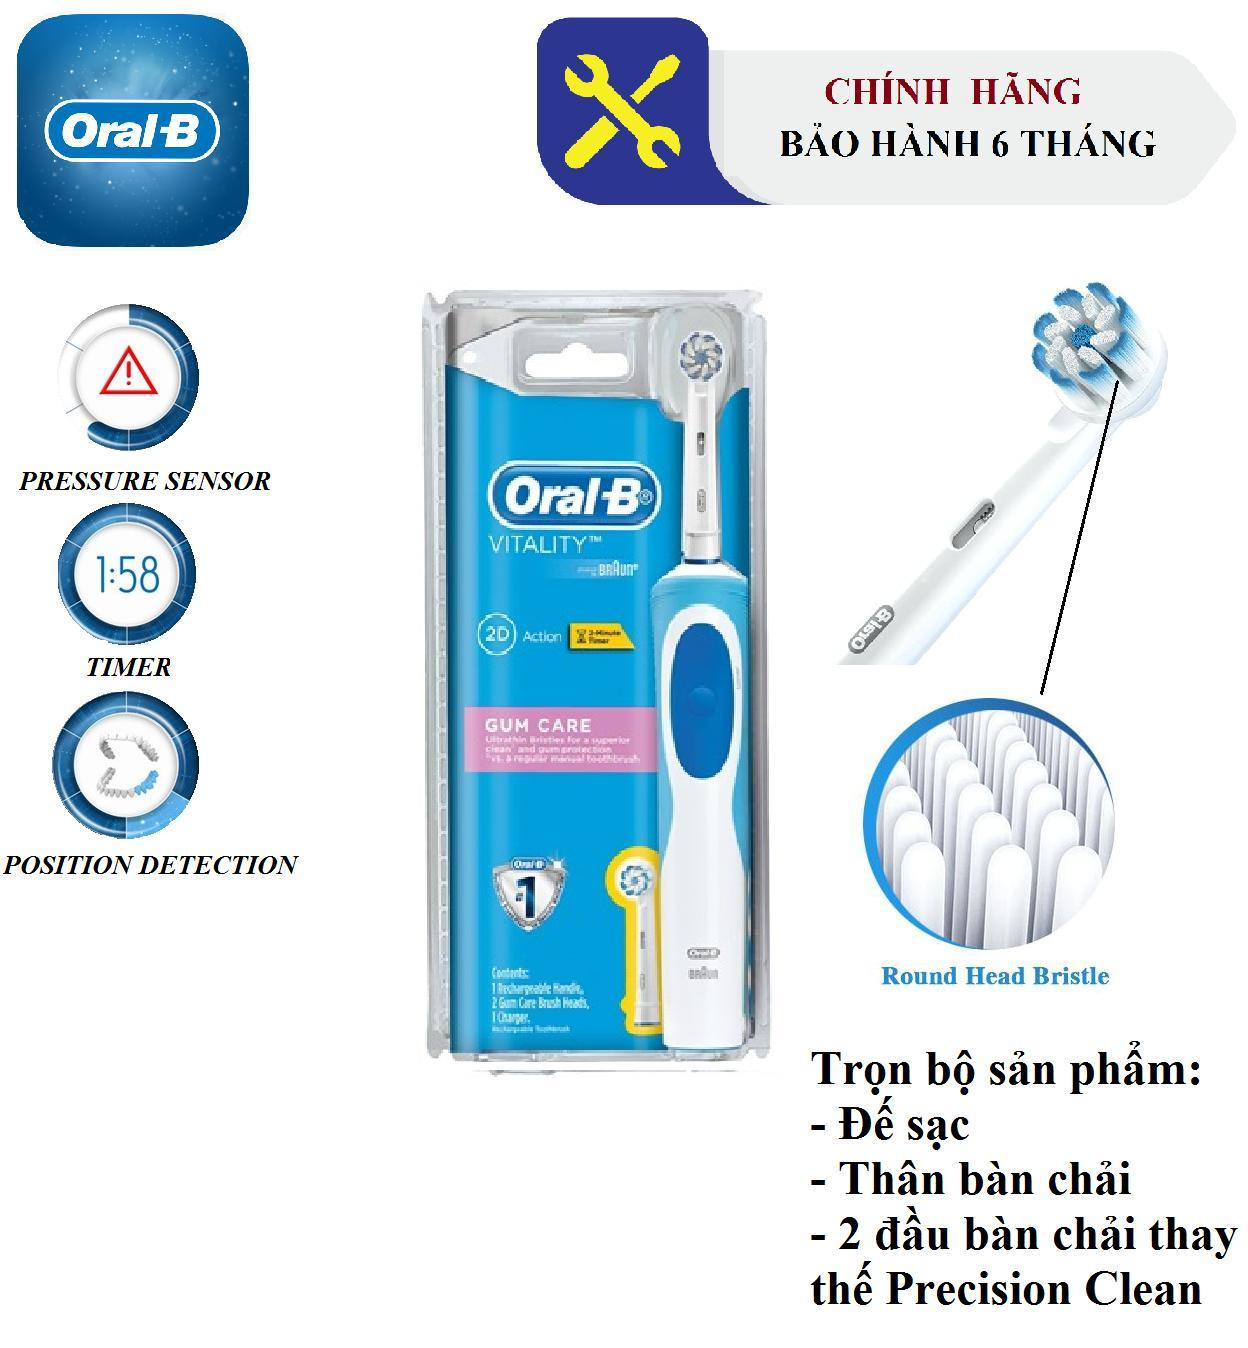 Bàn Chải Đánh Răng Điện Oral-B Vitality Gum Care (lông bài chải sợi Micro siêu mềm, dùng được với cả răng niềng), BH 6 tháng